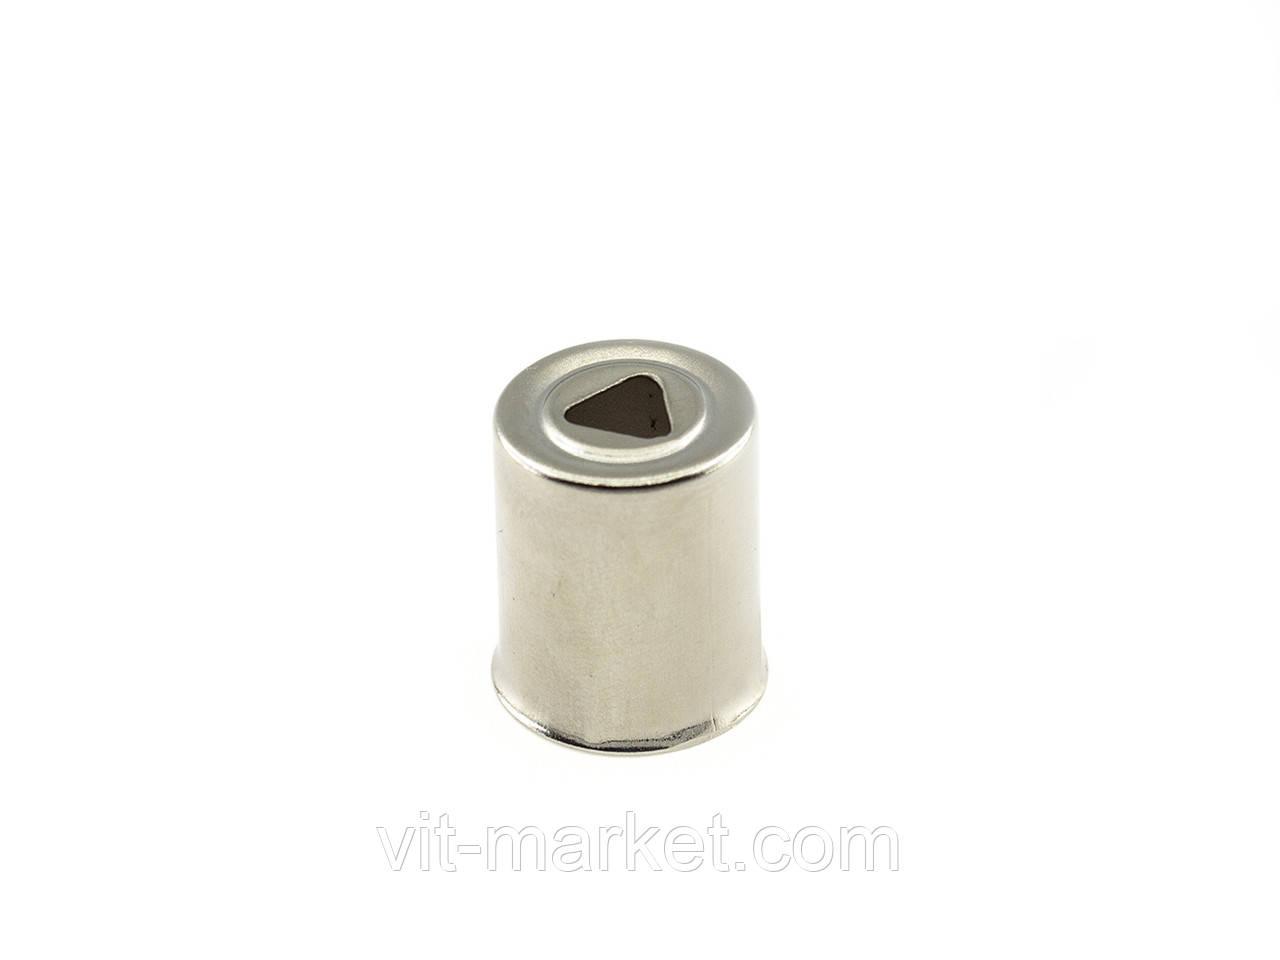 Металлический колпачок на магнетрон Panasonic код 06425